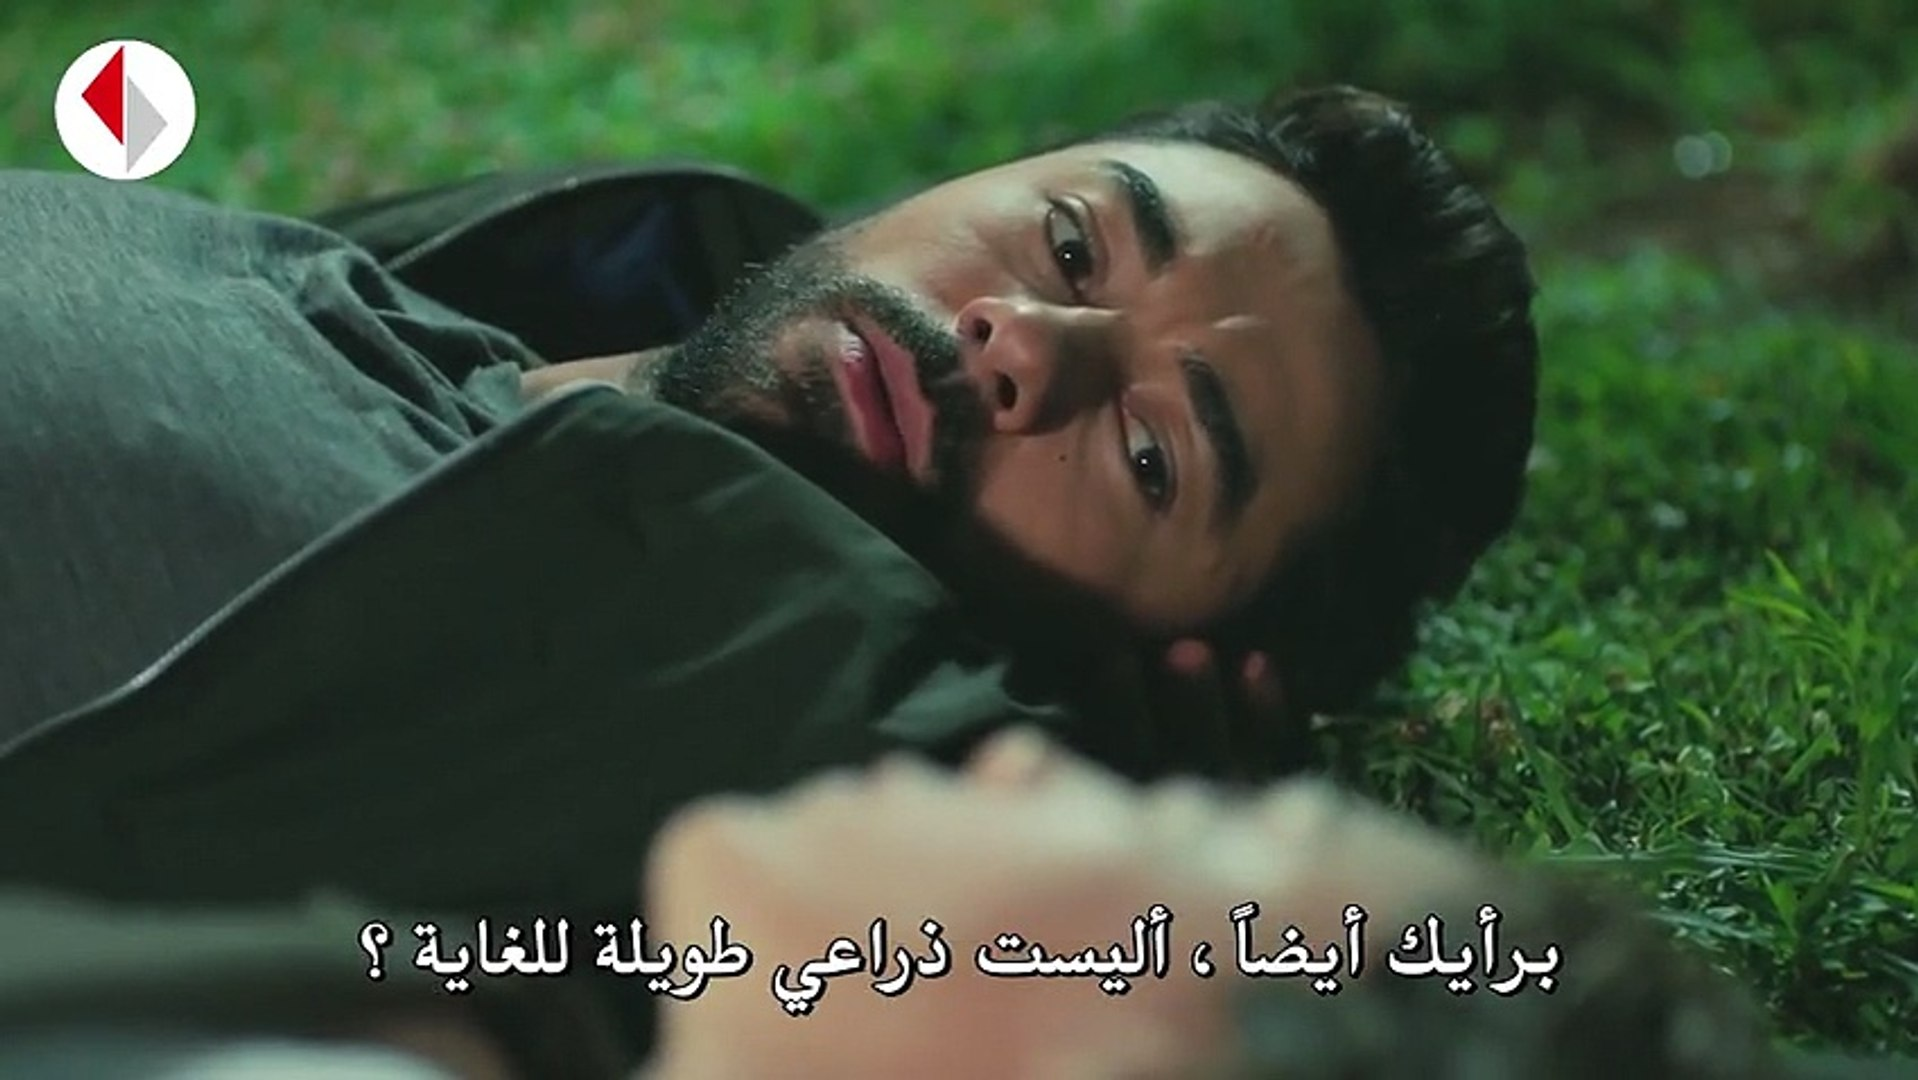 مسلسل نبضات قلب الحلقة 8 مترجمة للعربية القسم 1 فيديو Dailymotion